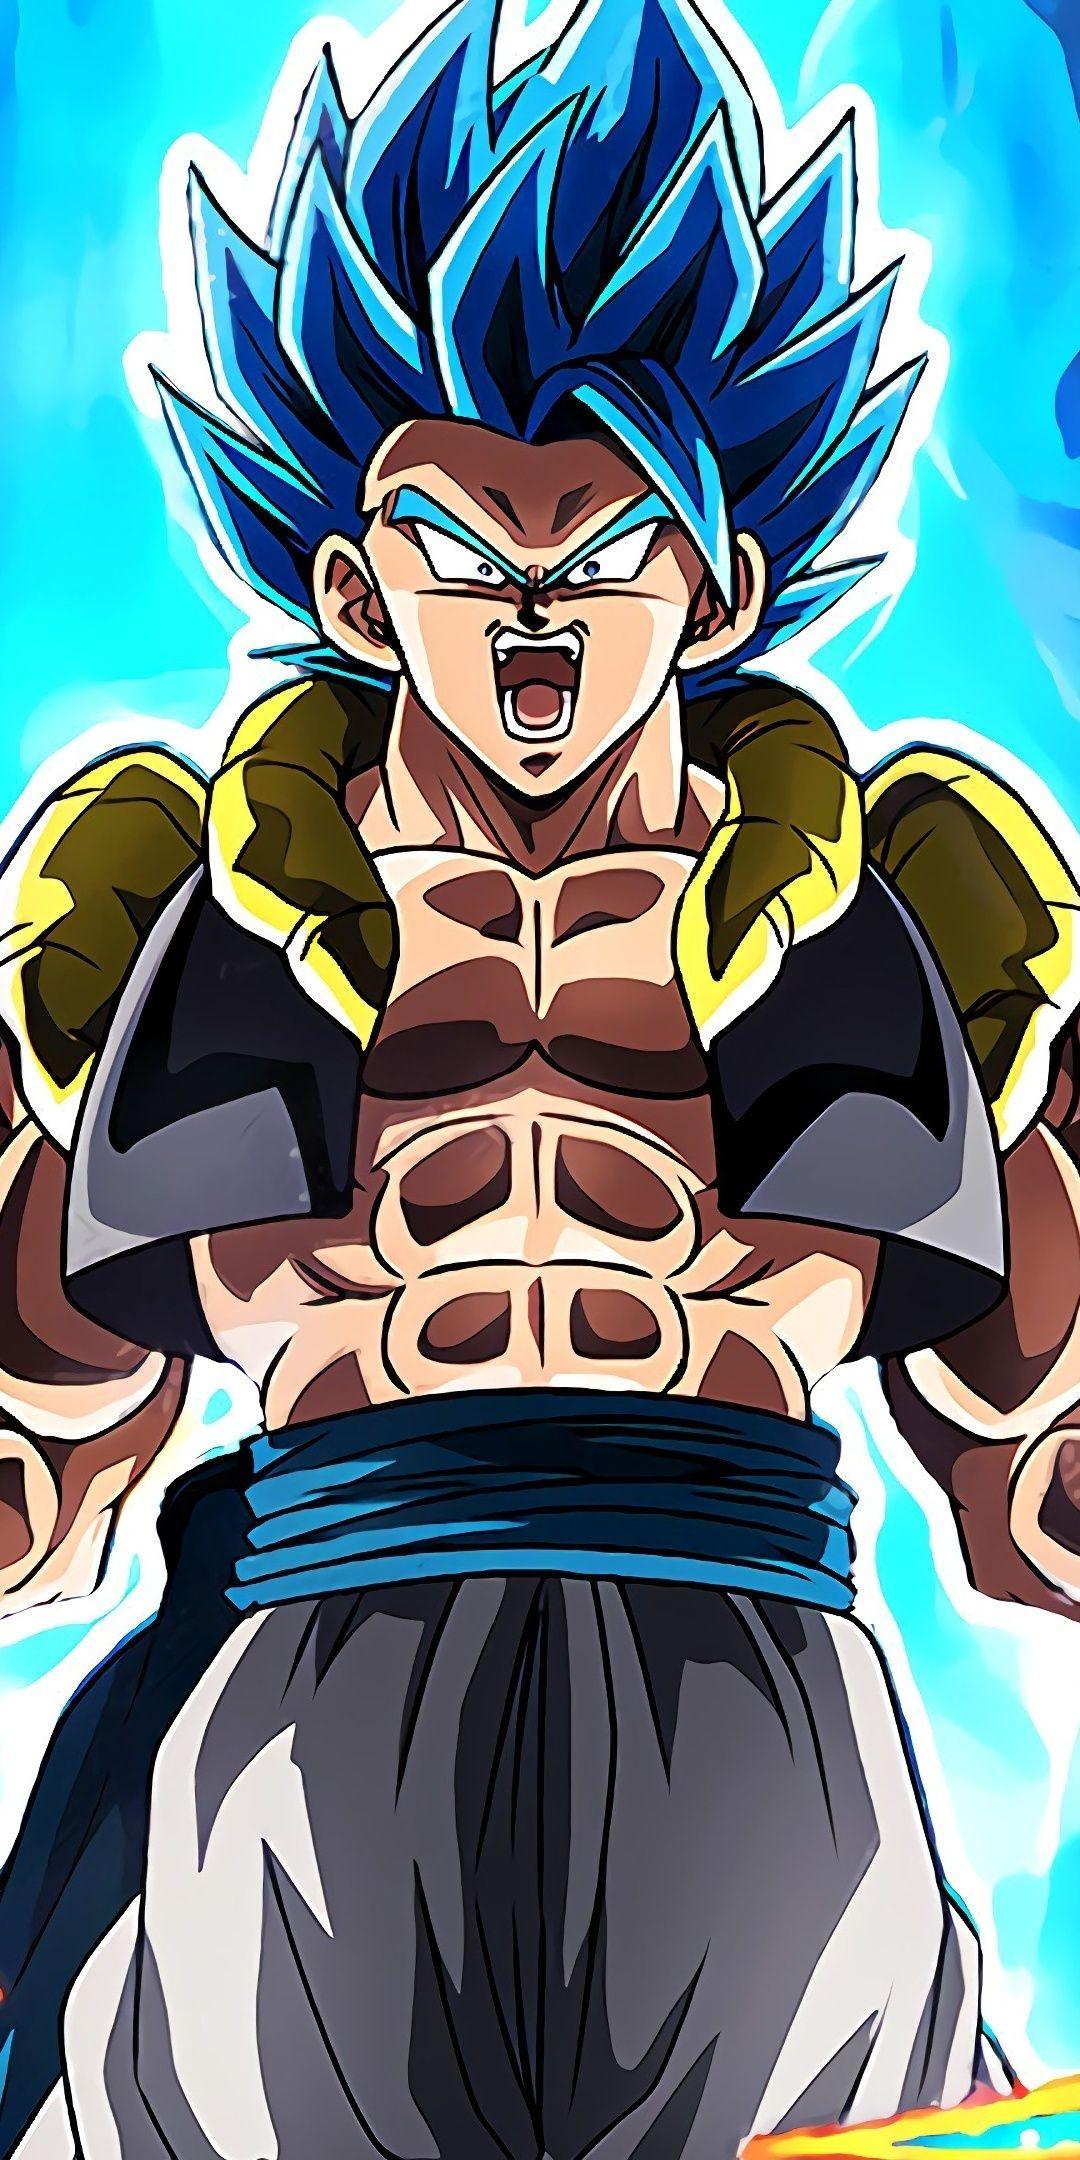 Dragon Ball Super Broly Gogeta Art 1080x2160 Wallpaper